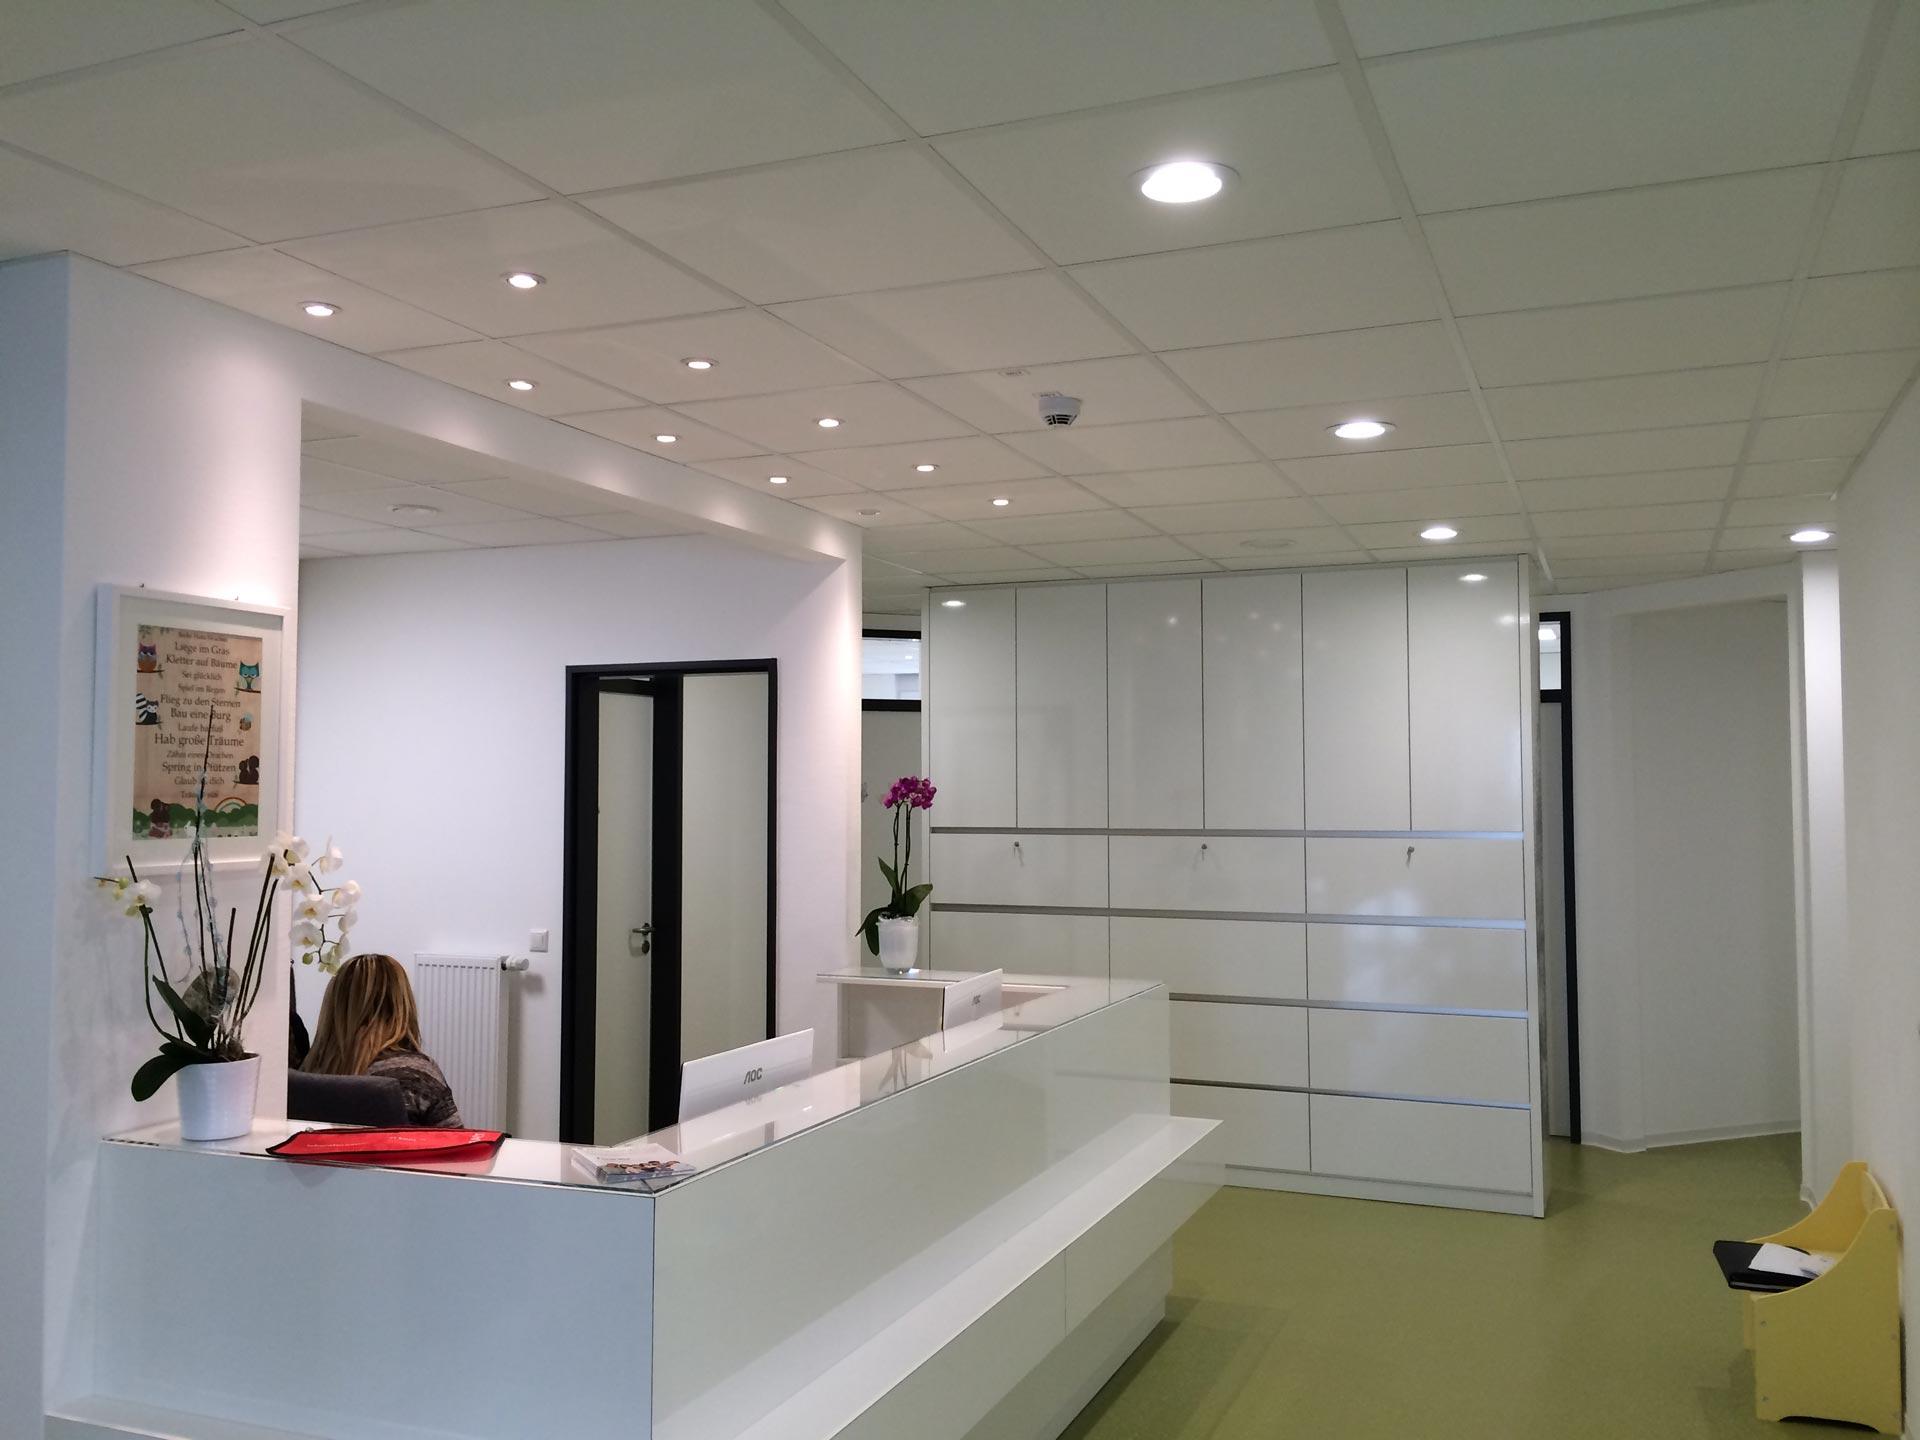 Tischlerei-Baeumer-Altenberge_Gesundheitszentrum-Koeln-Widdersdorf_10